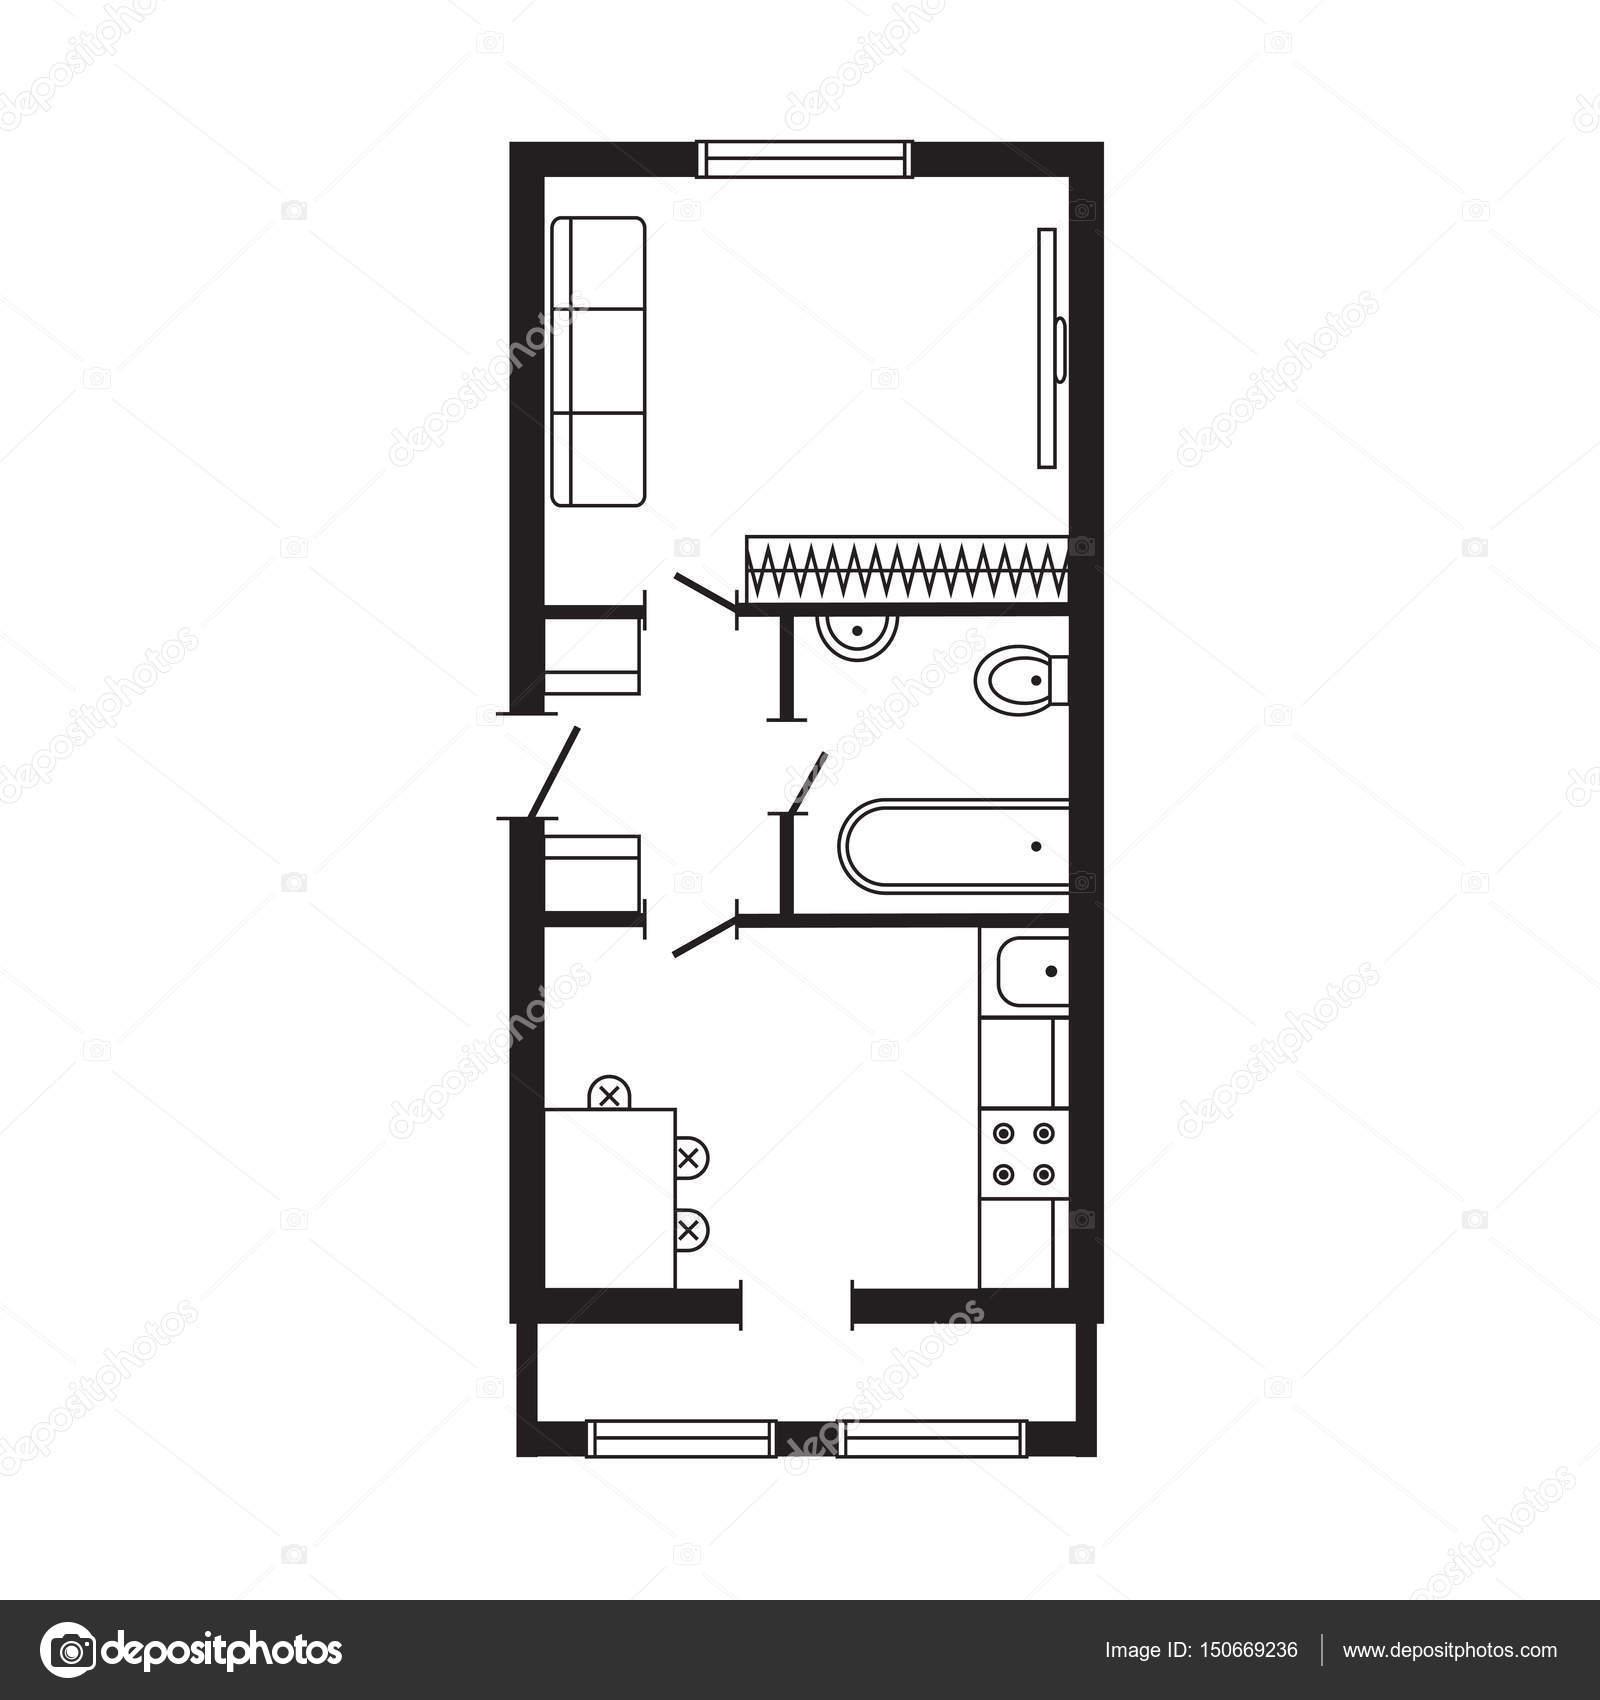 Bureau Moderne Plan Architectural Int Rieur Meubles Et  # Plan Des Meubles